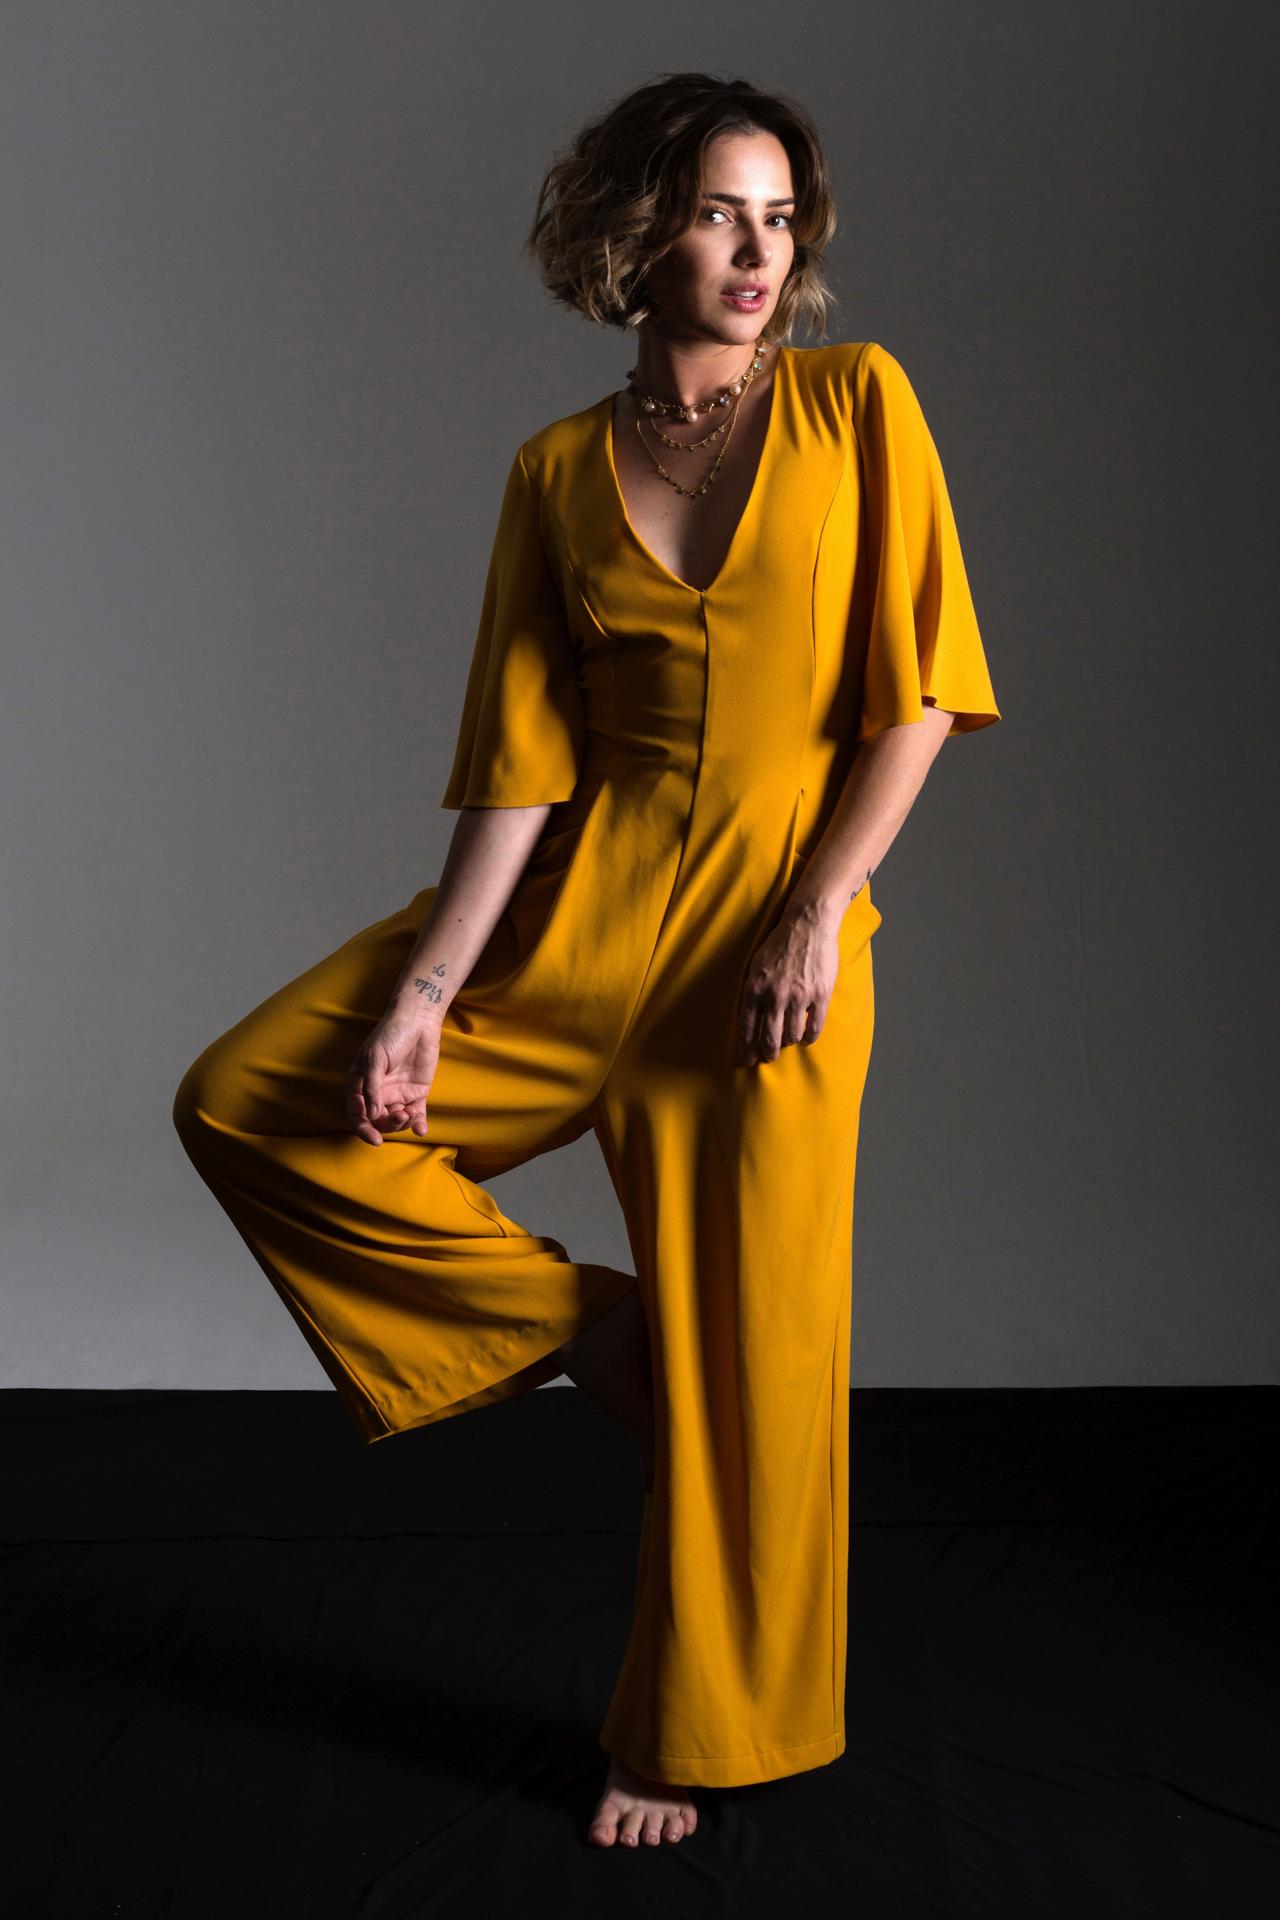 Natallia Rodrigues - PROMO 2019